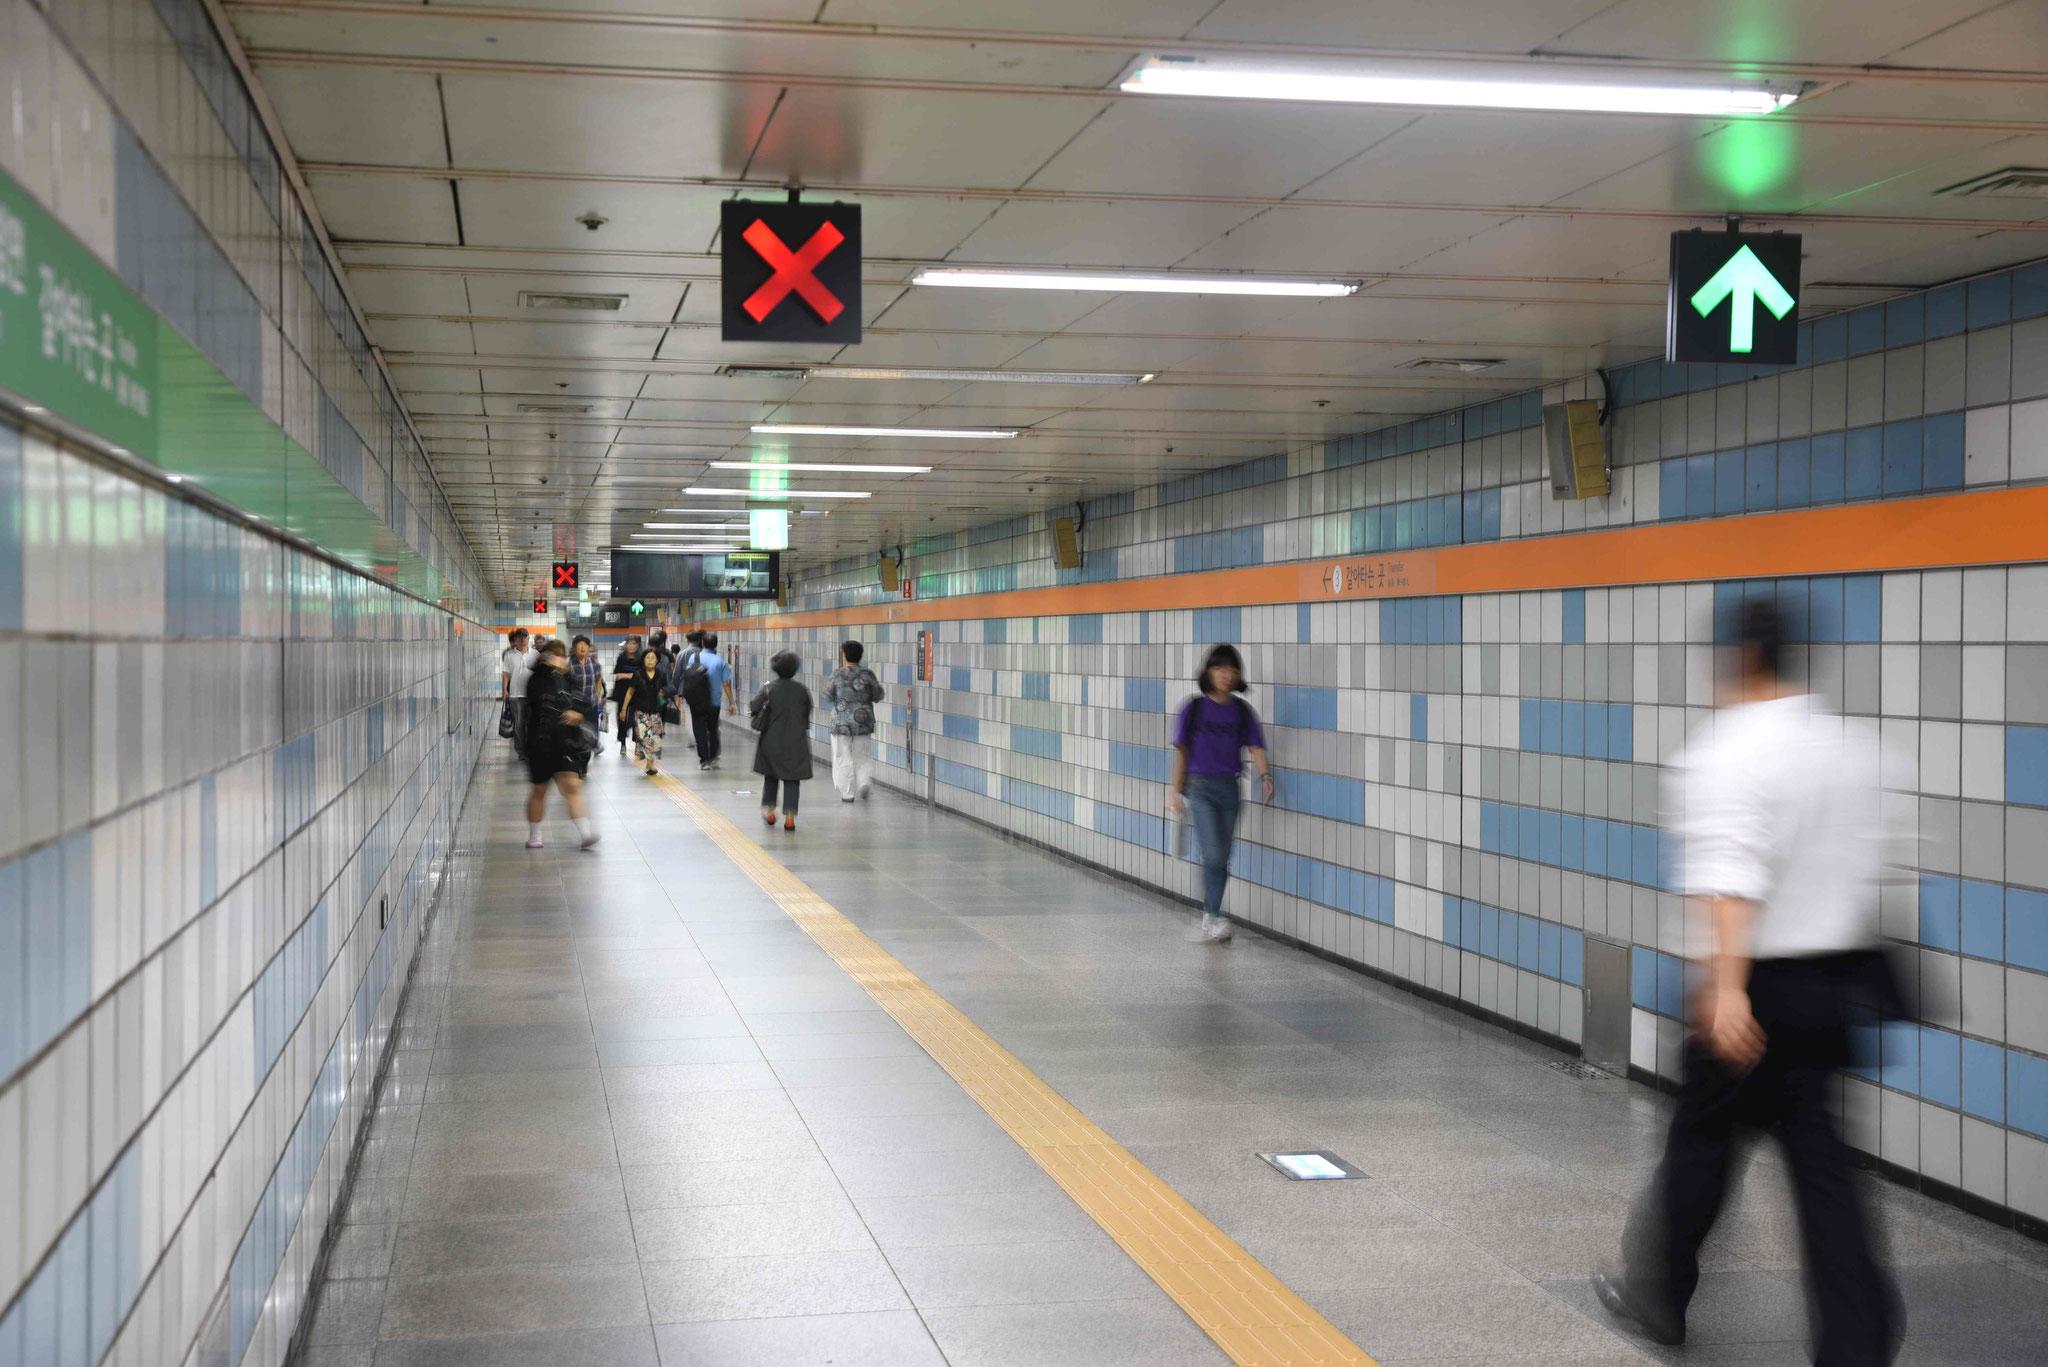 Zur oder von der  U-Bahn bitte immer schön rechts halten!